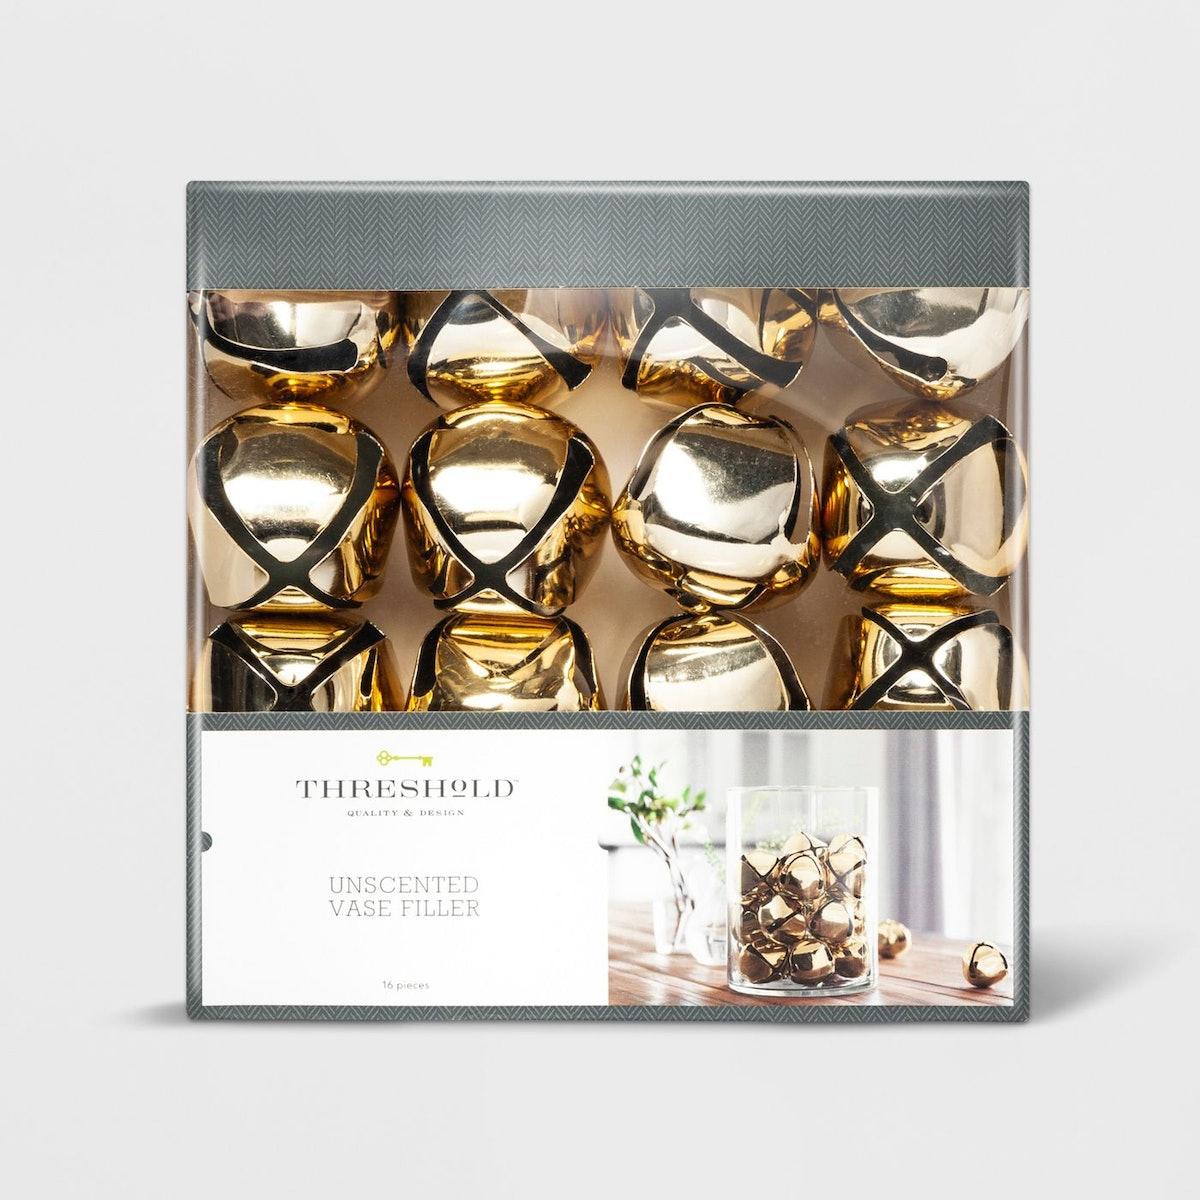 16-Piece Jingle Bells Vase Filler Gold